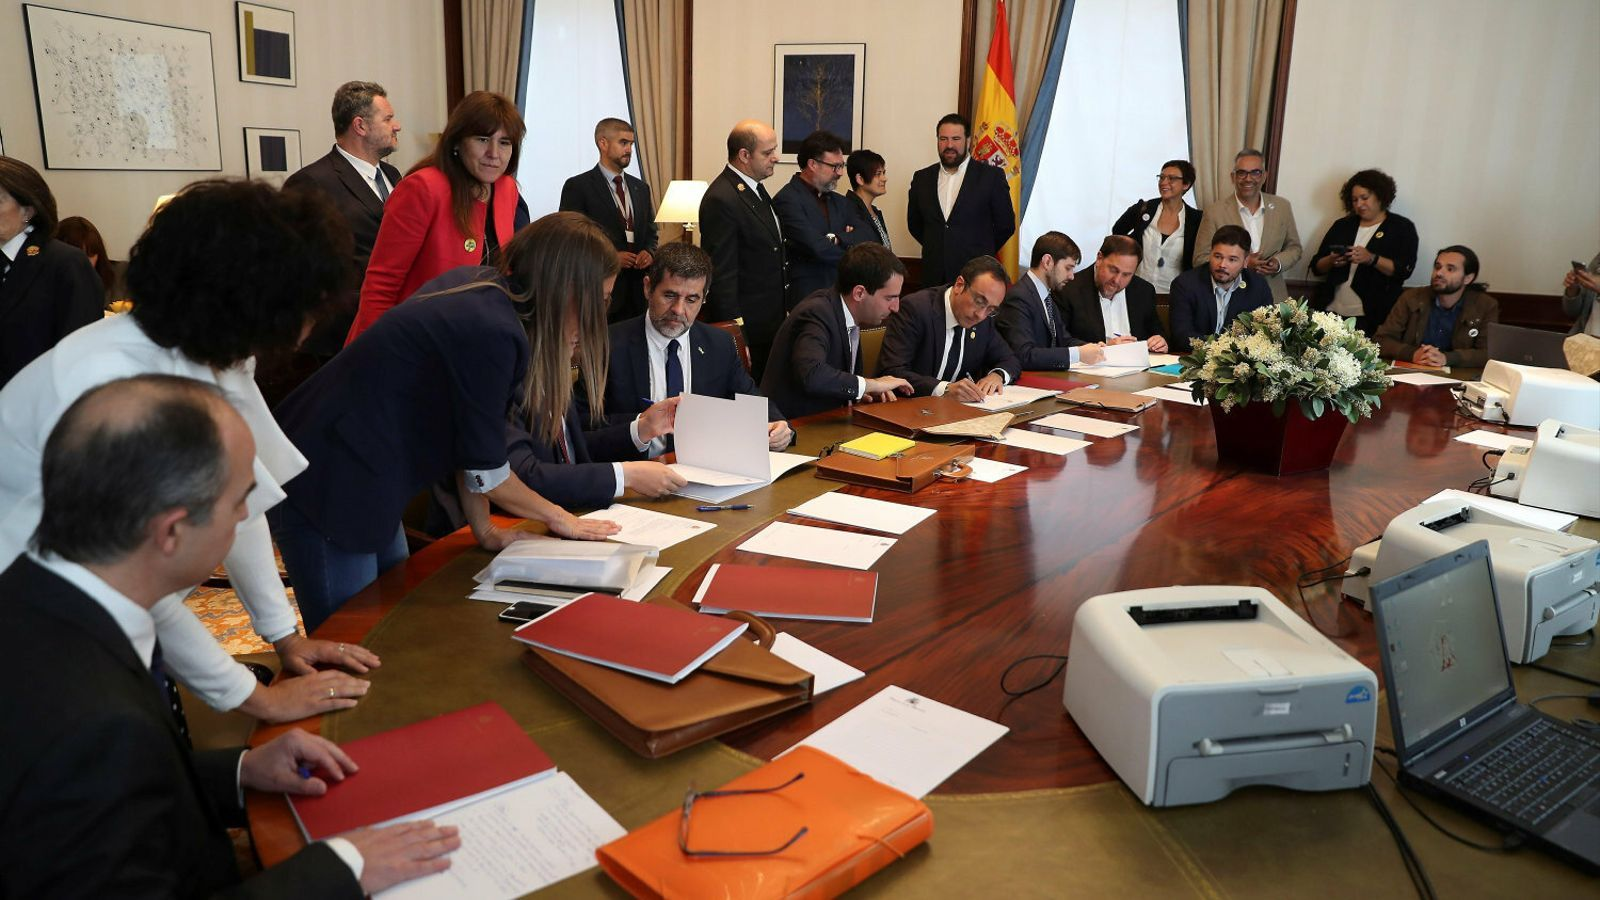 Jordi Sànchez, Josep Rull i Oriol Junqueras tramitant les seves actes parlamentàries al Congrés.